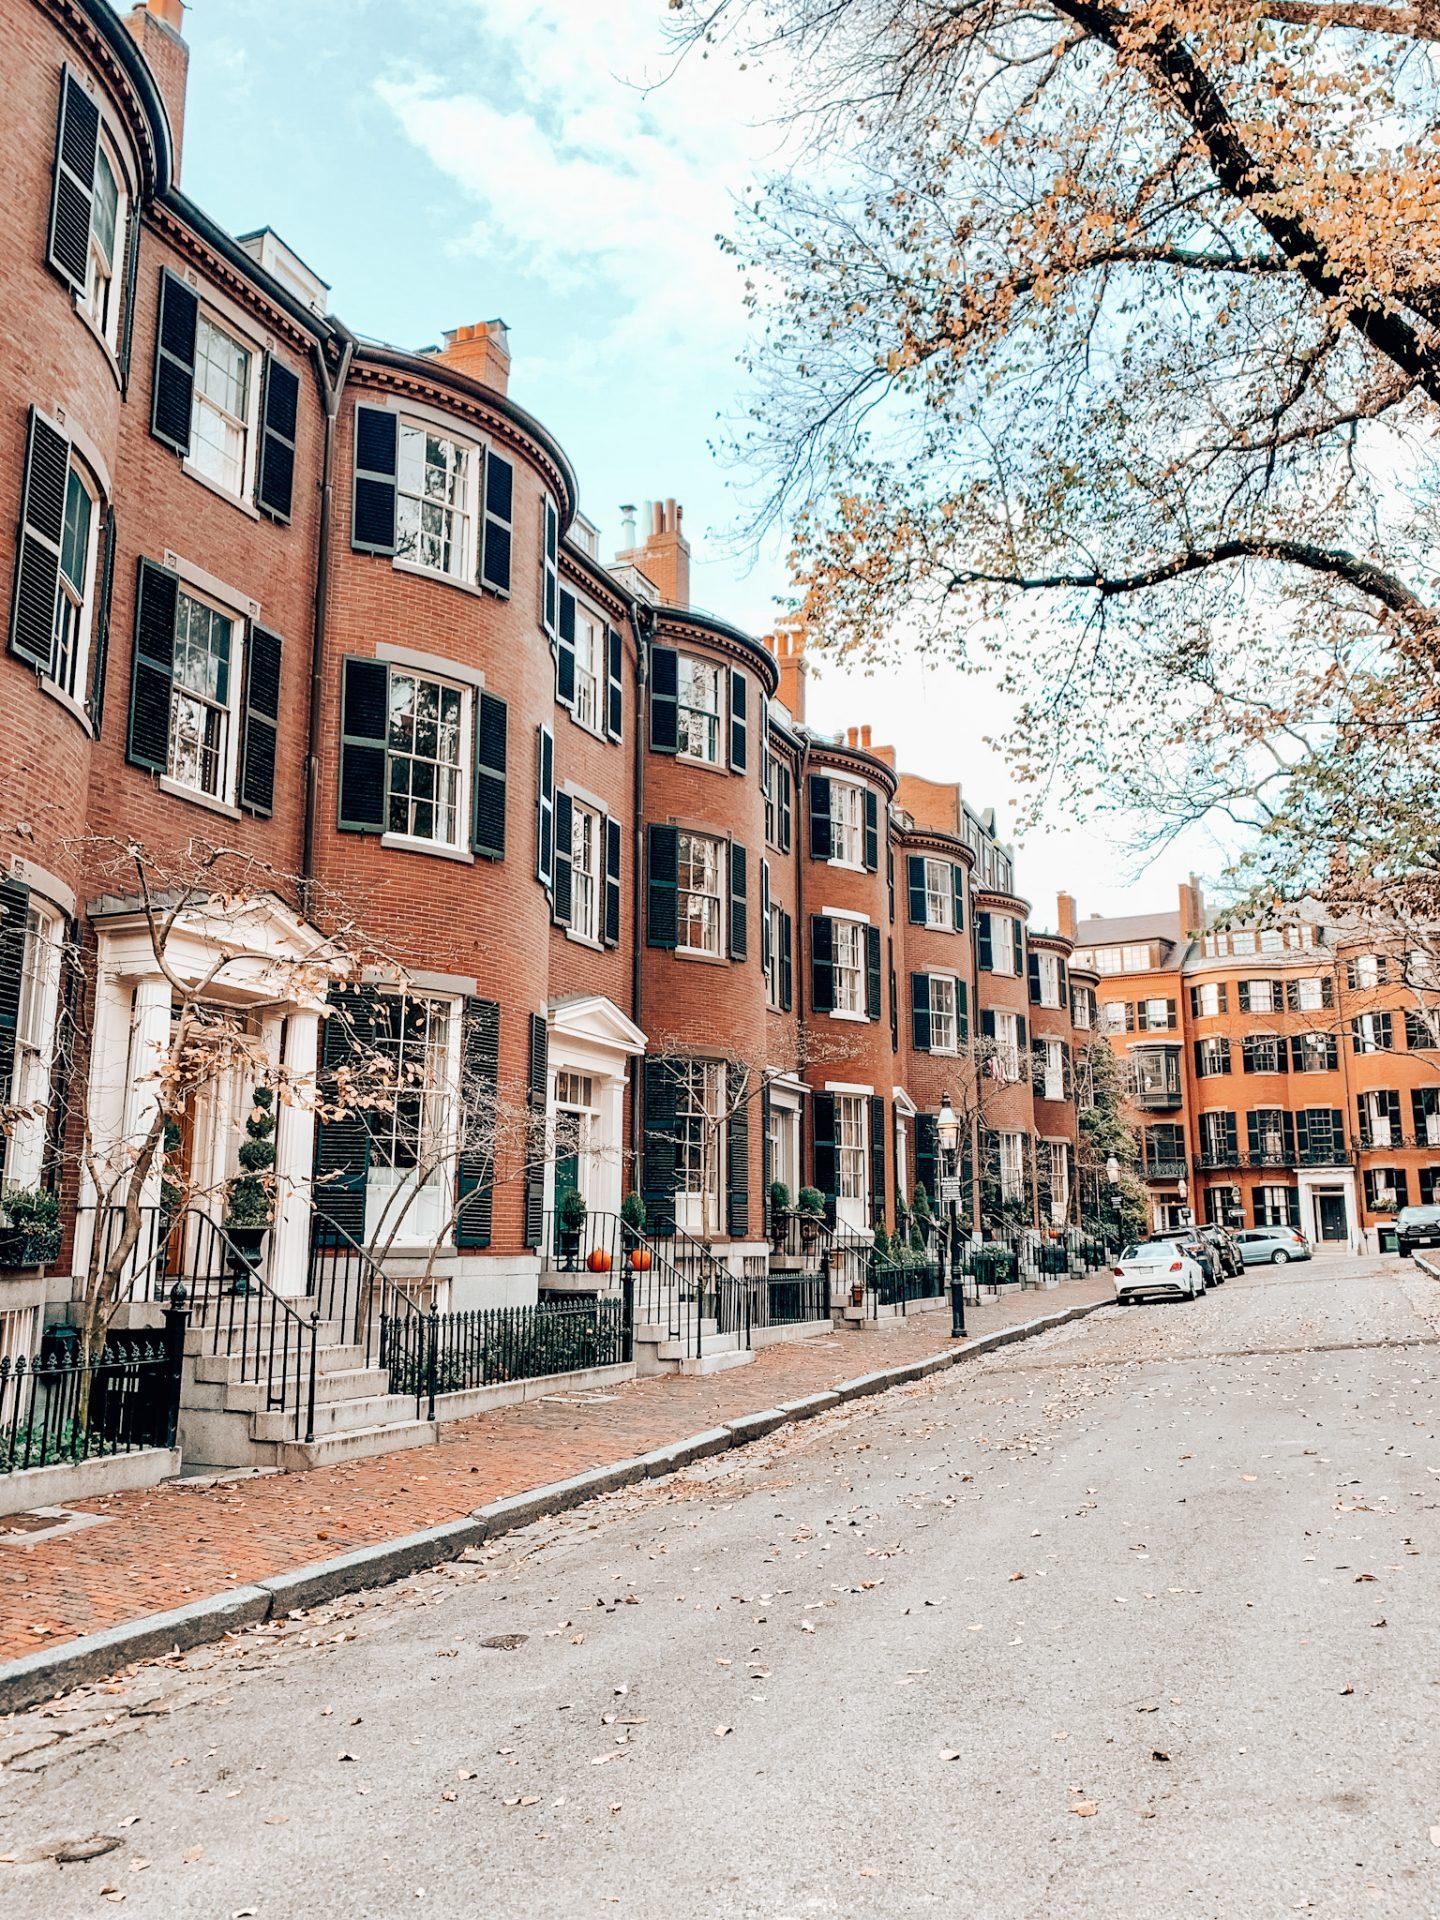 Louisburg Square in Boston, MA